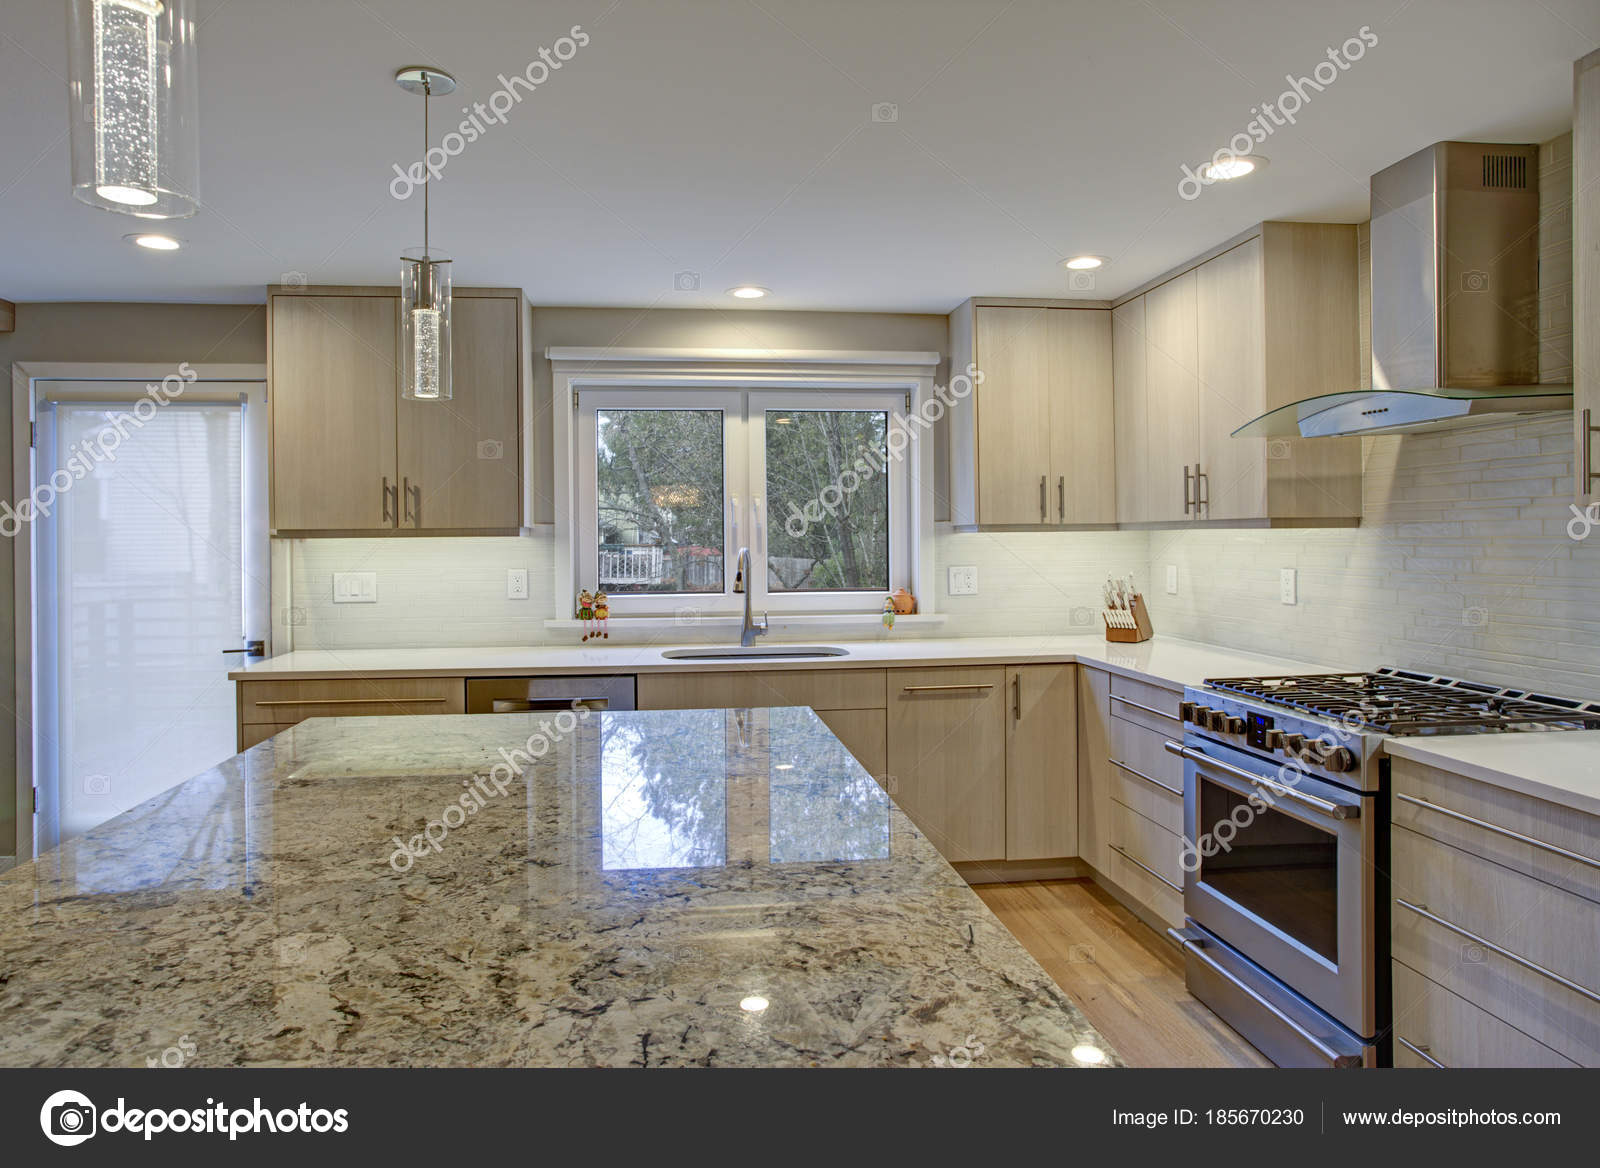 Schöne Küche mit Kochinsel — Stockfoto © alabn #185670230